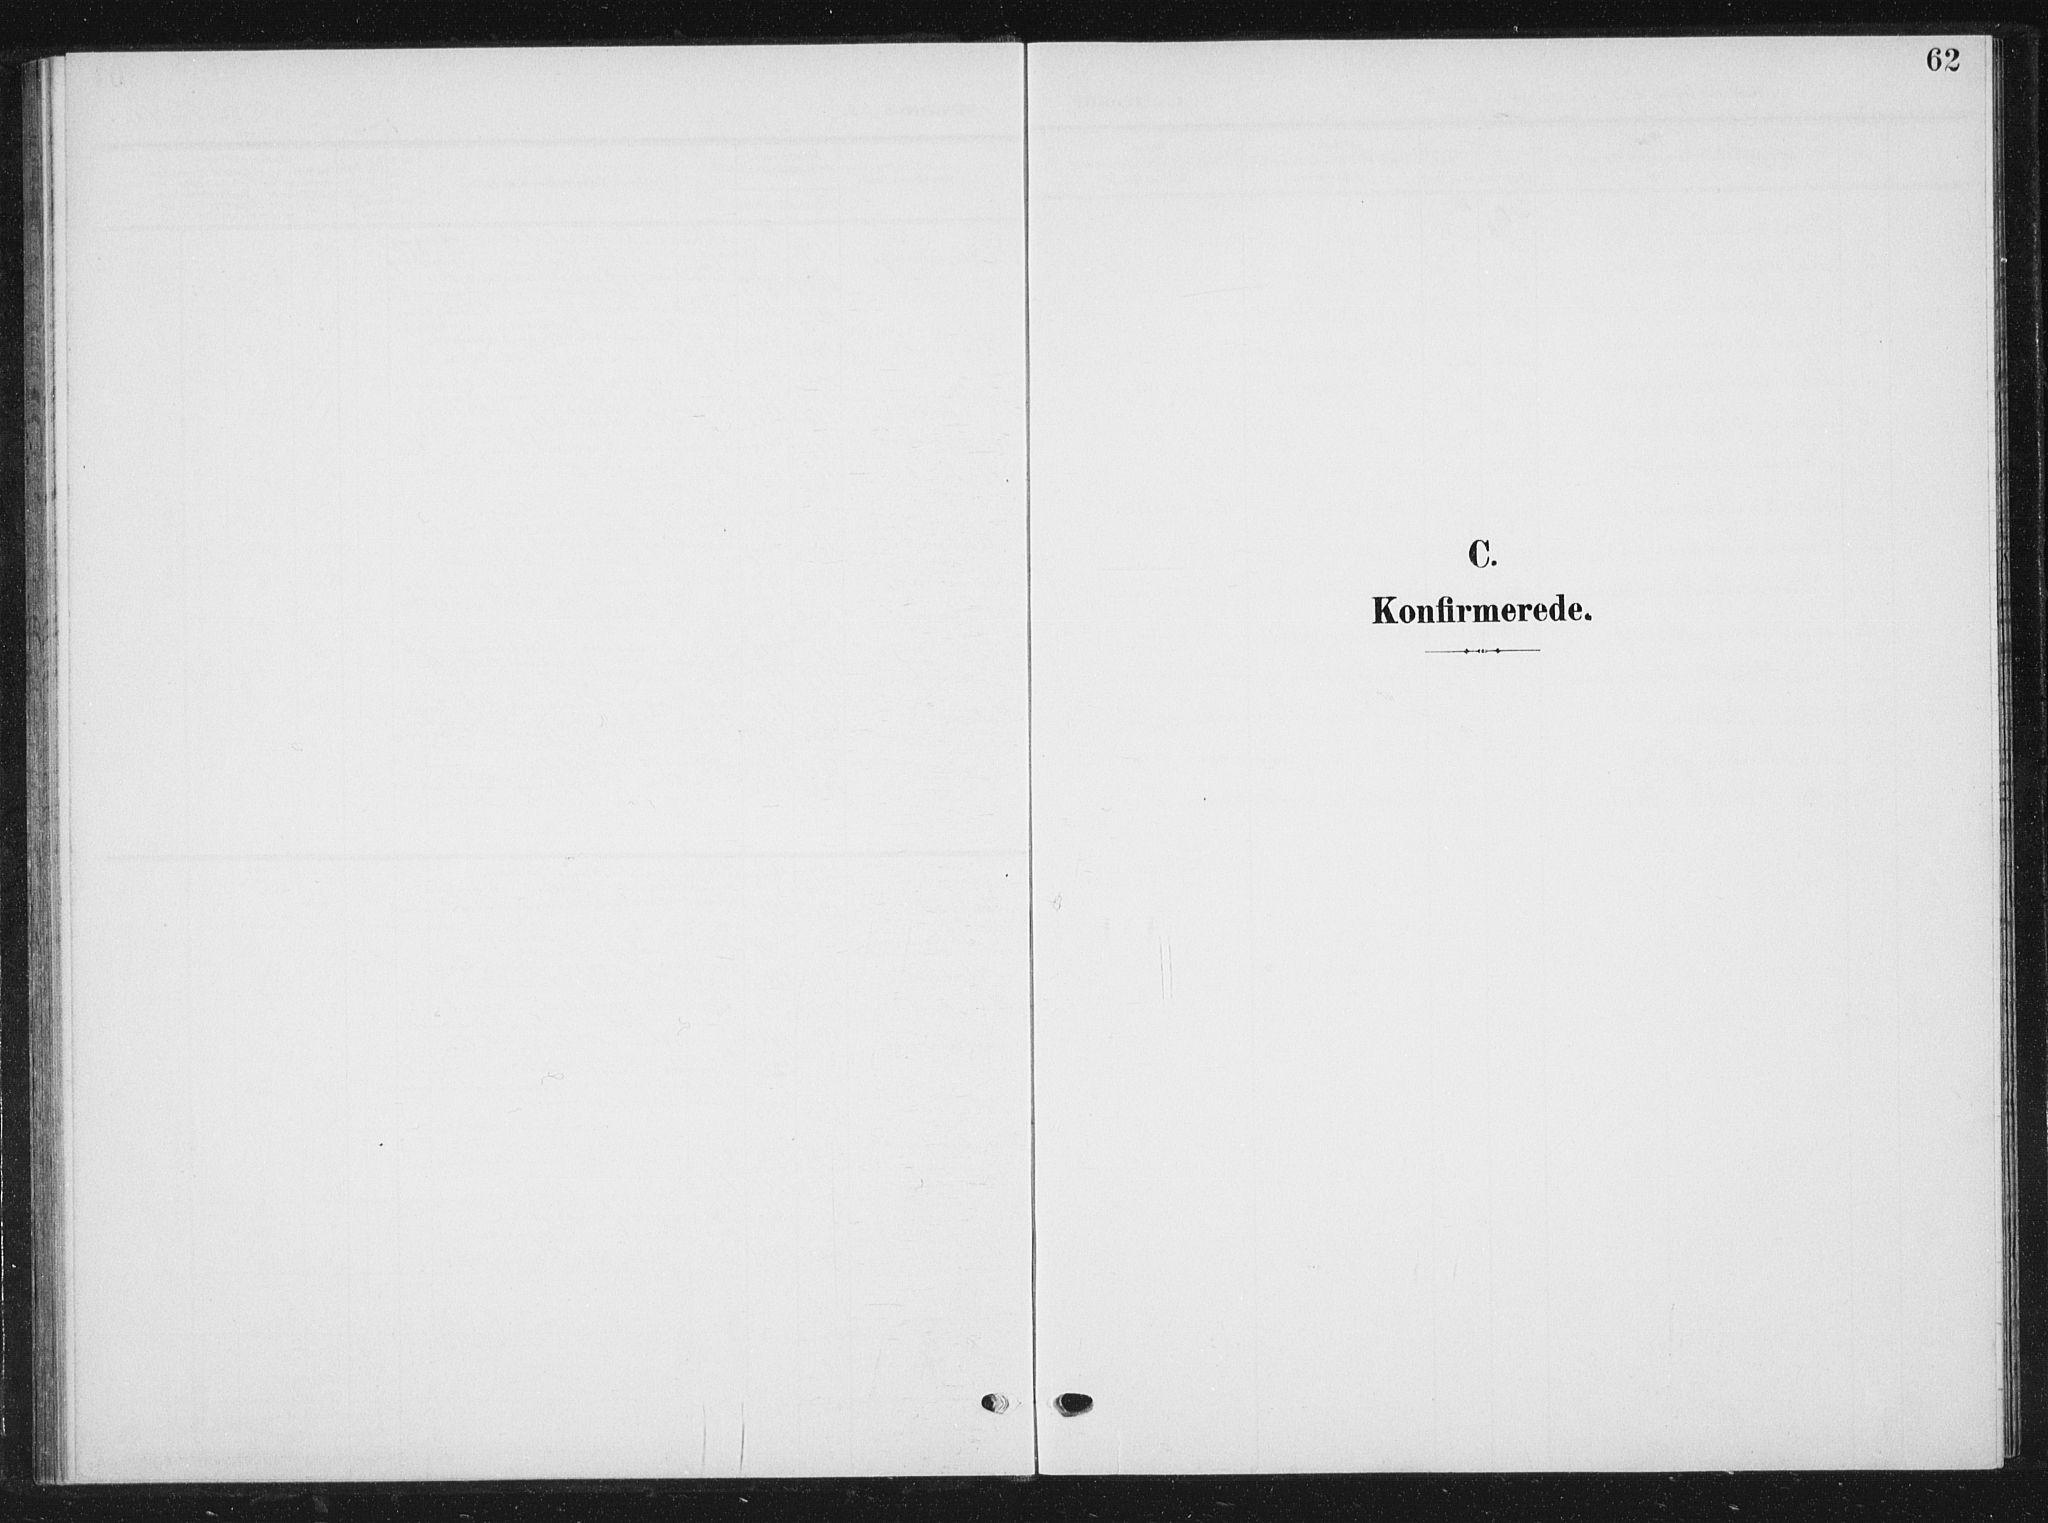 SAT, Ministerialprotokoller, klokkerbøker og fødselsregistre - Sør-Trøndelag, 616/L0424: Klokkerbok nr. 616C07, 1904-1940, s. 62